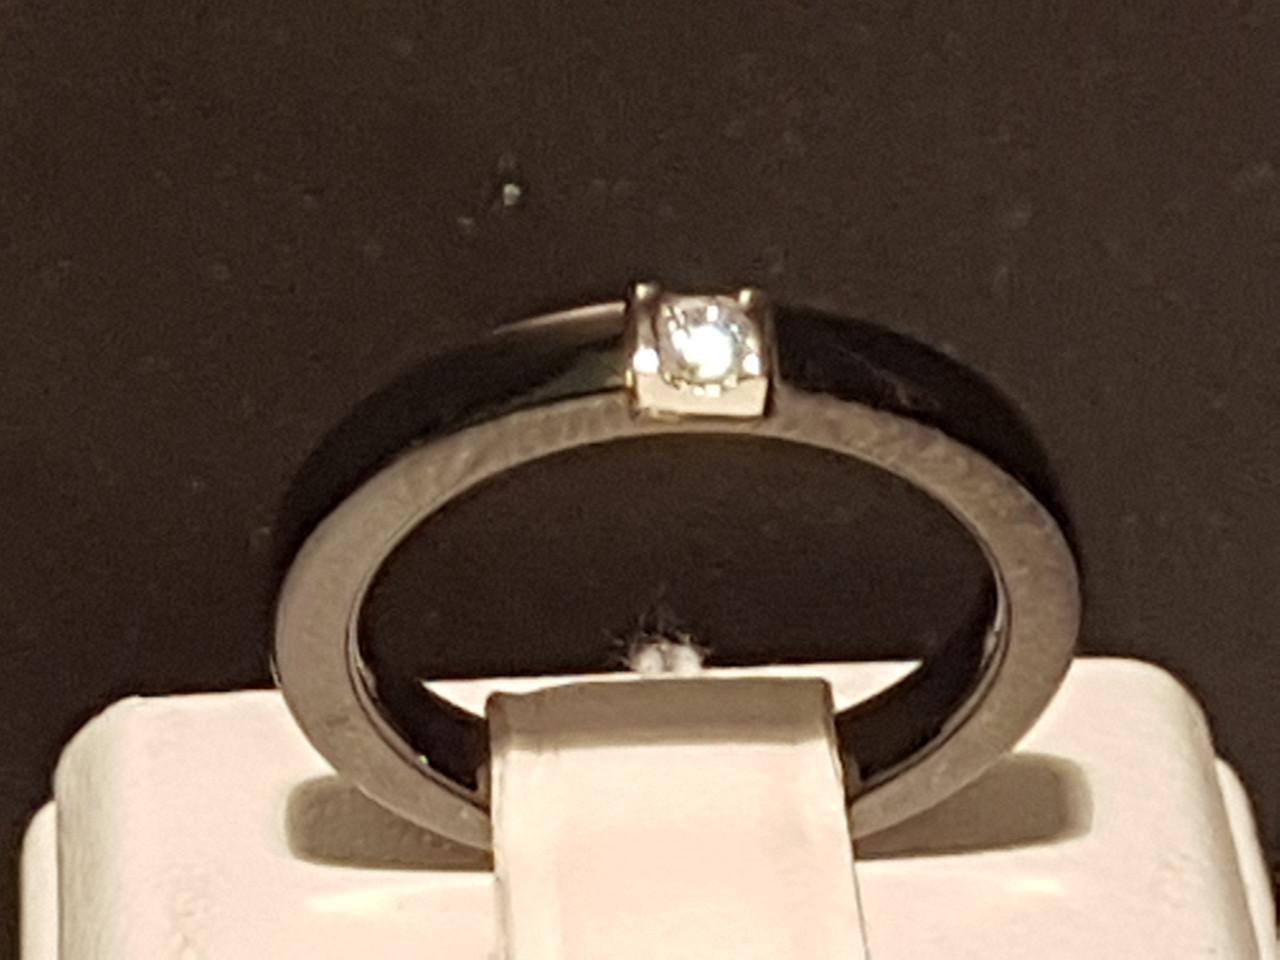 Серебряное кольцо с керамикой и фианитами. Артикул К2ФК/1008 17,1